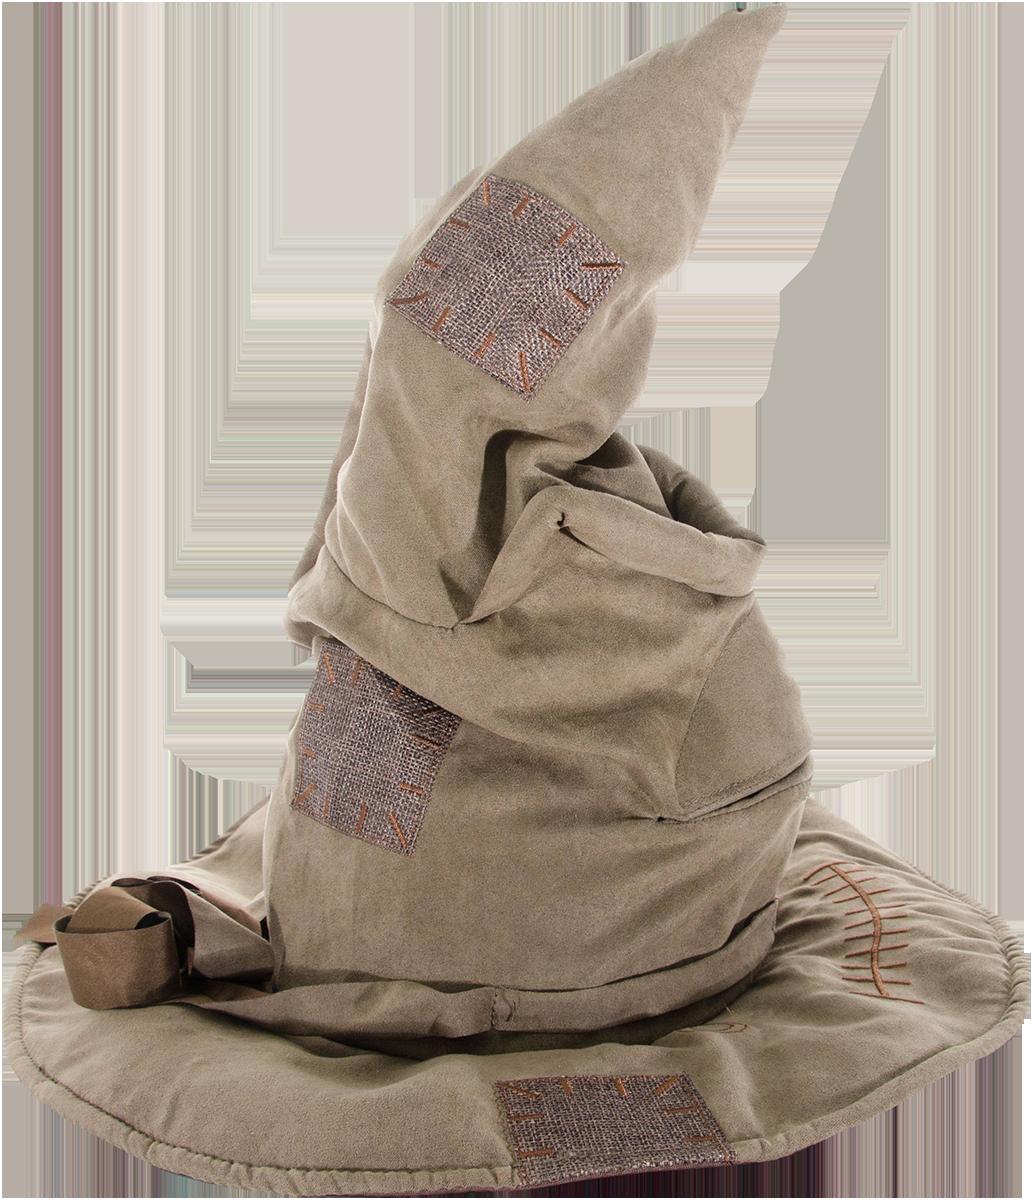 Image of Harry Potter Interaktiver Sprechender Hut Spielzeug Standard